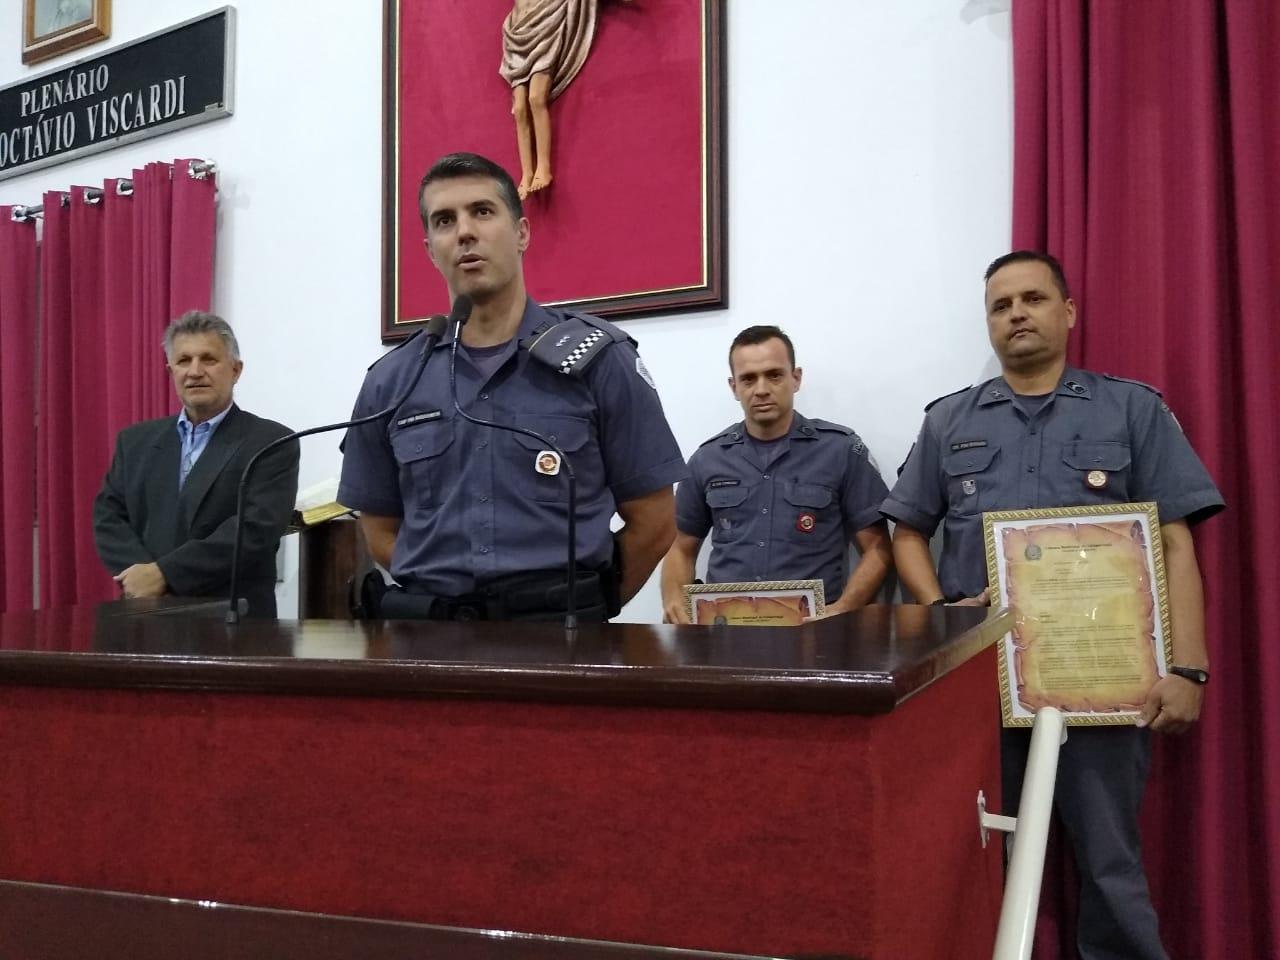 Policiais Militares são homenageados na Câmara